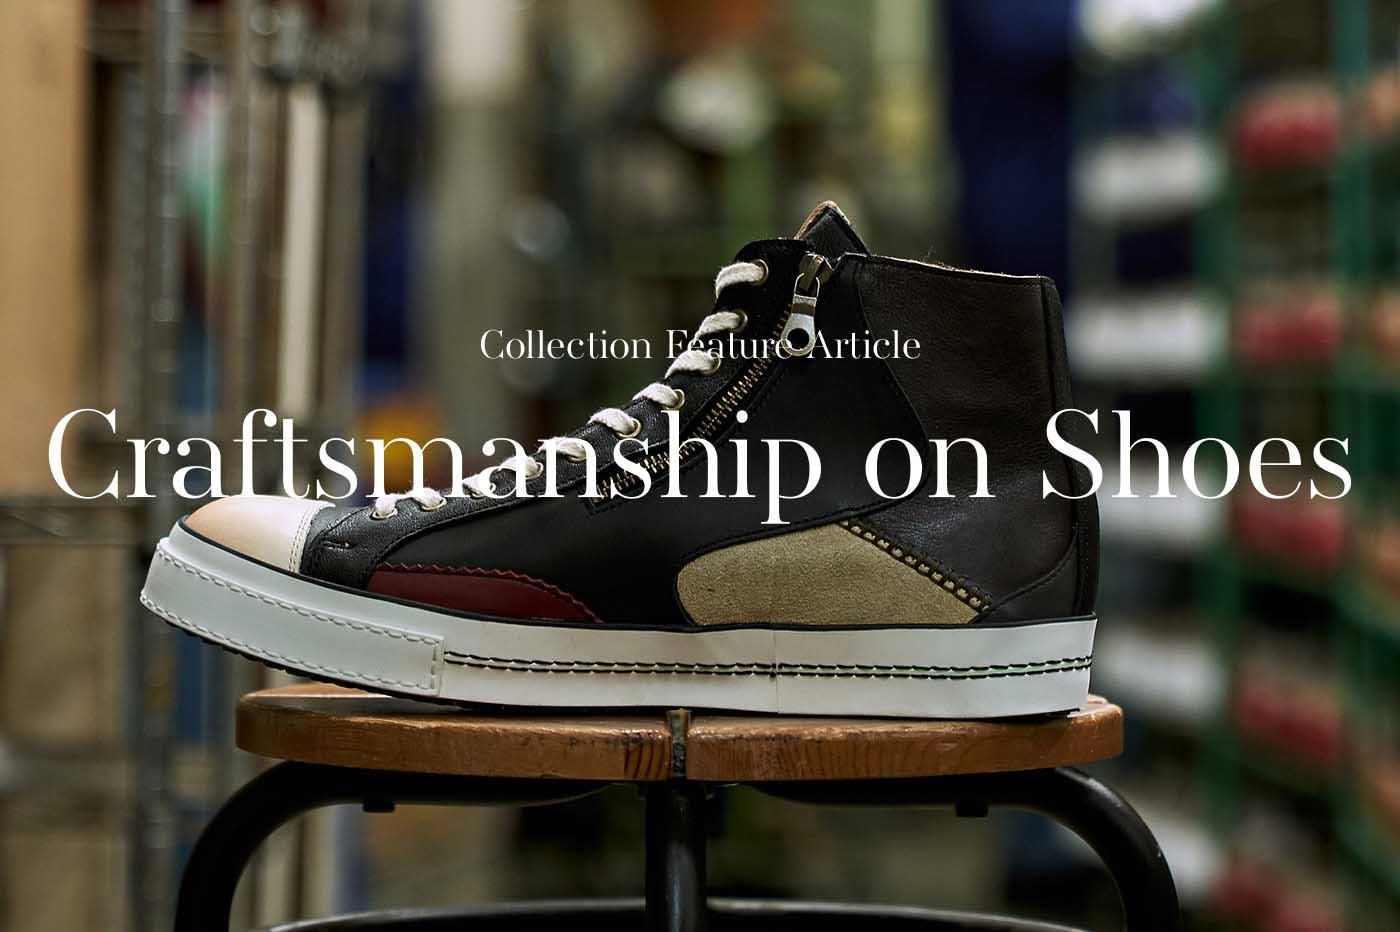 Craftsmanship on Shoes